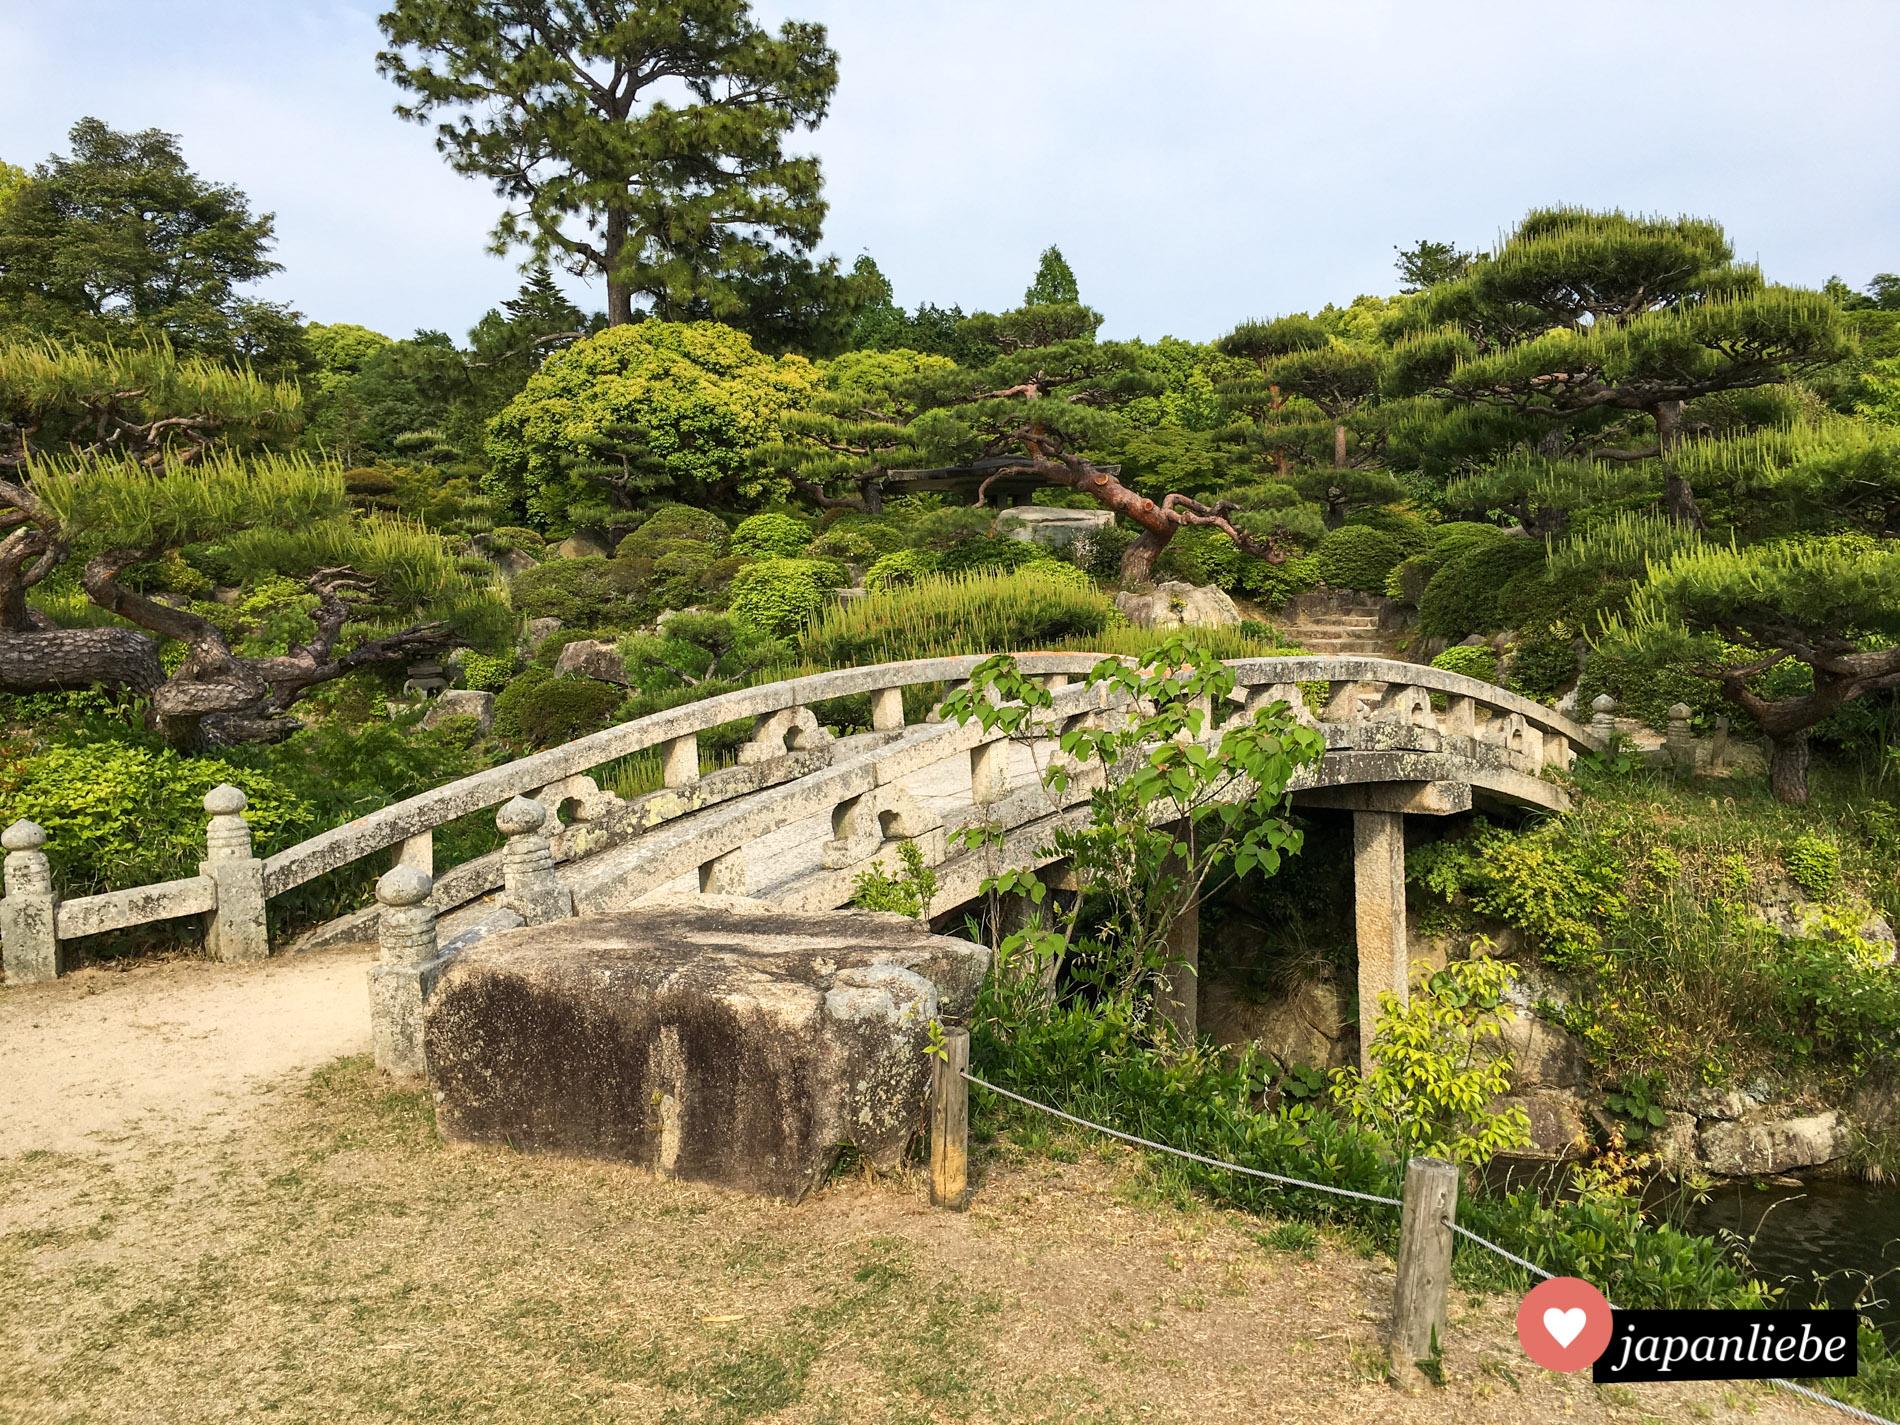 Eine Bogenbrücke überspannt einen der Teiche im Mōri Garten.